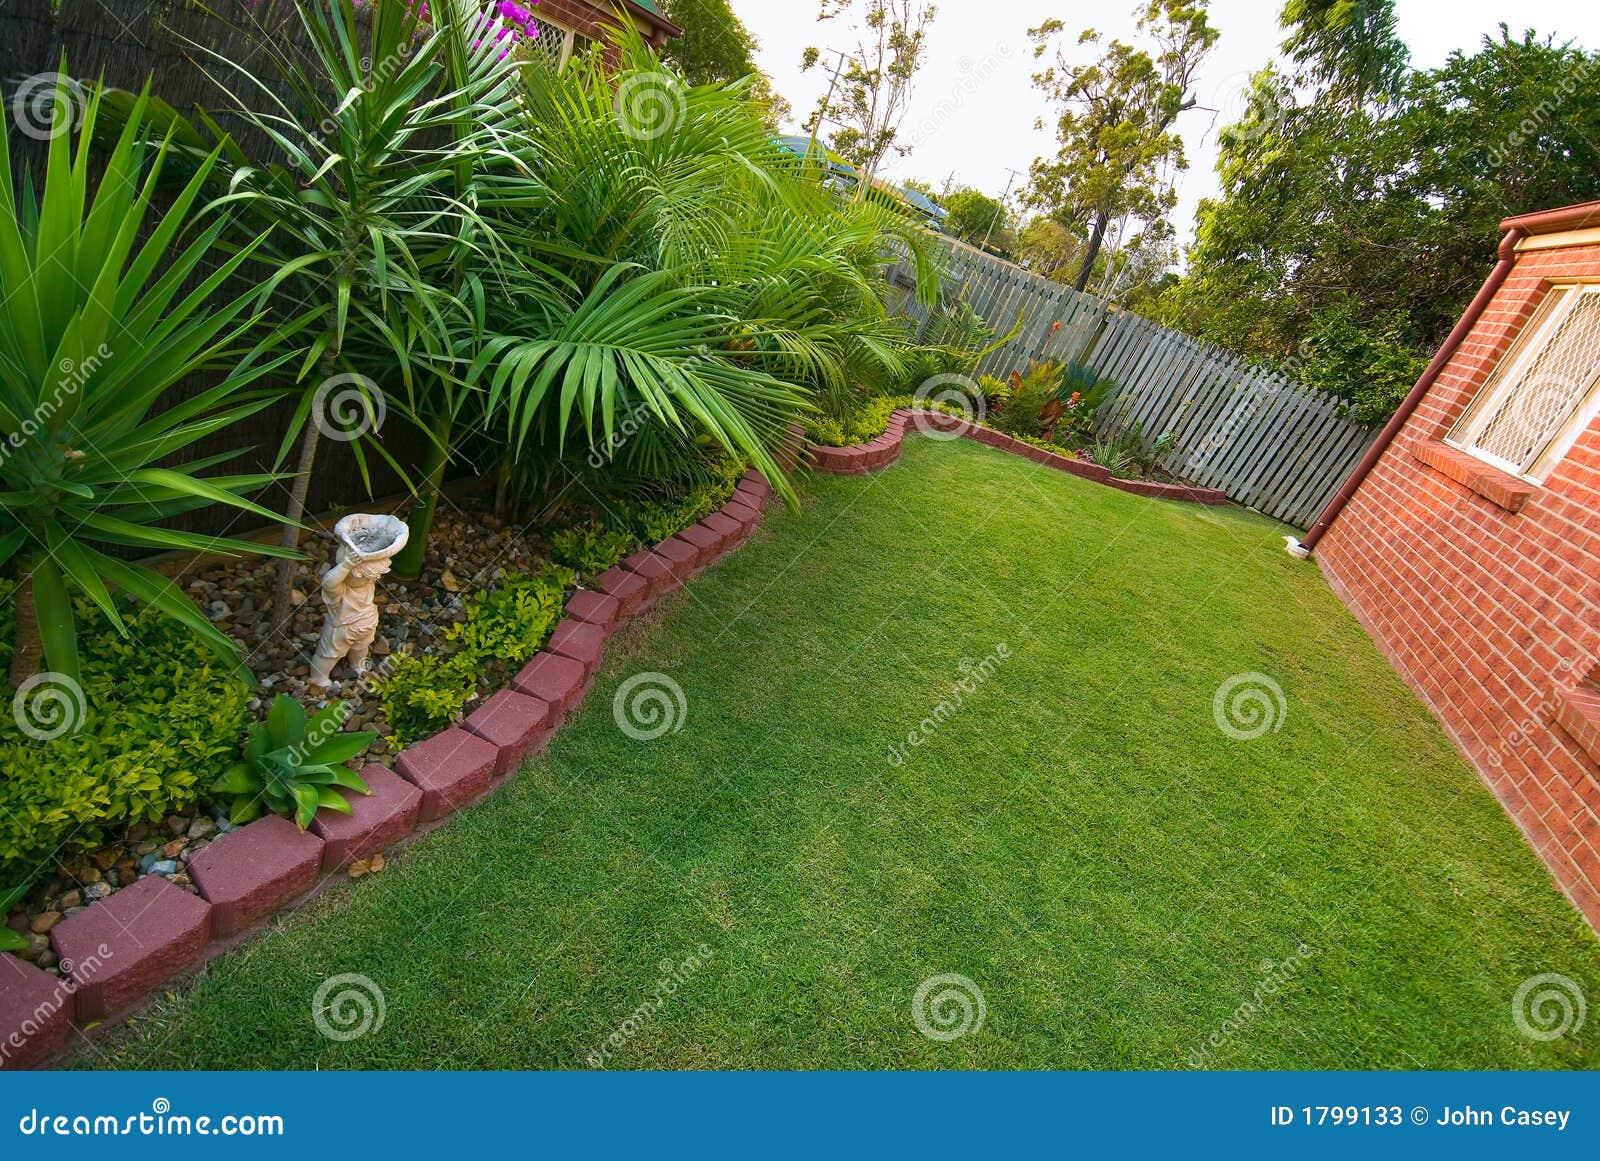 decoracao de jardim gramado : Gramado E Jardim Fotos de Stock - Imagem: 1799133